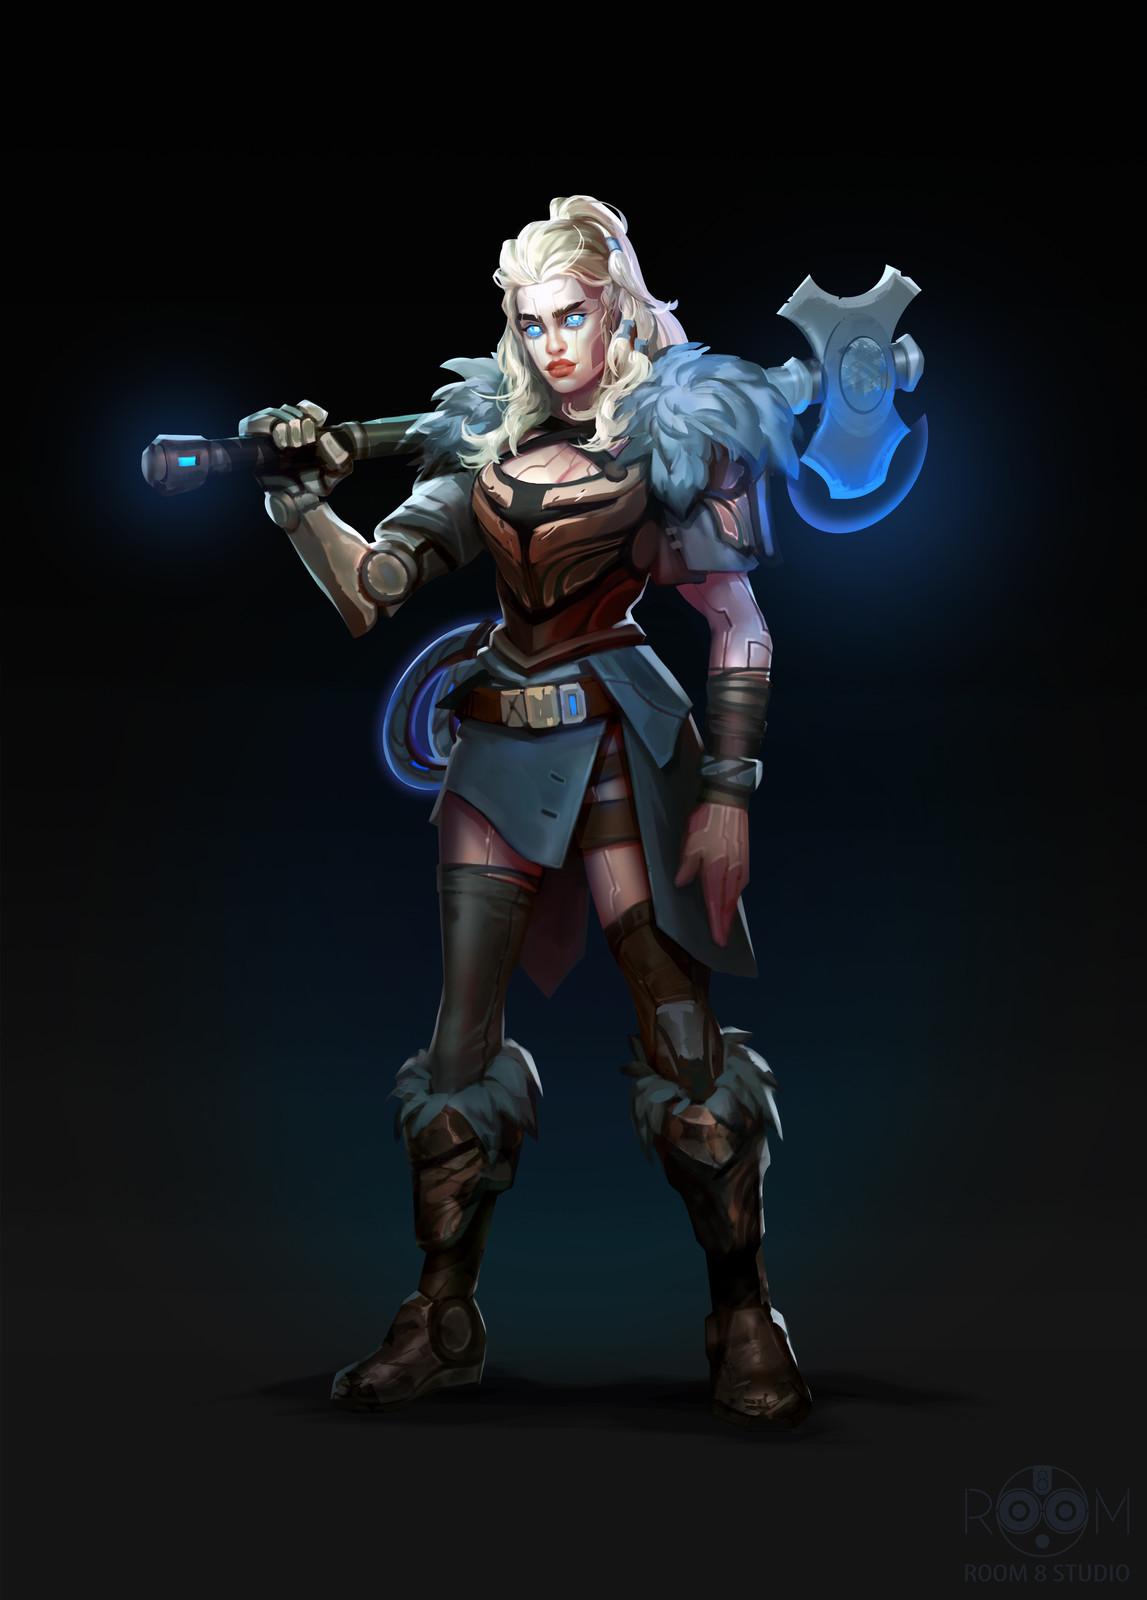 Artodei - daughter of Autarn